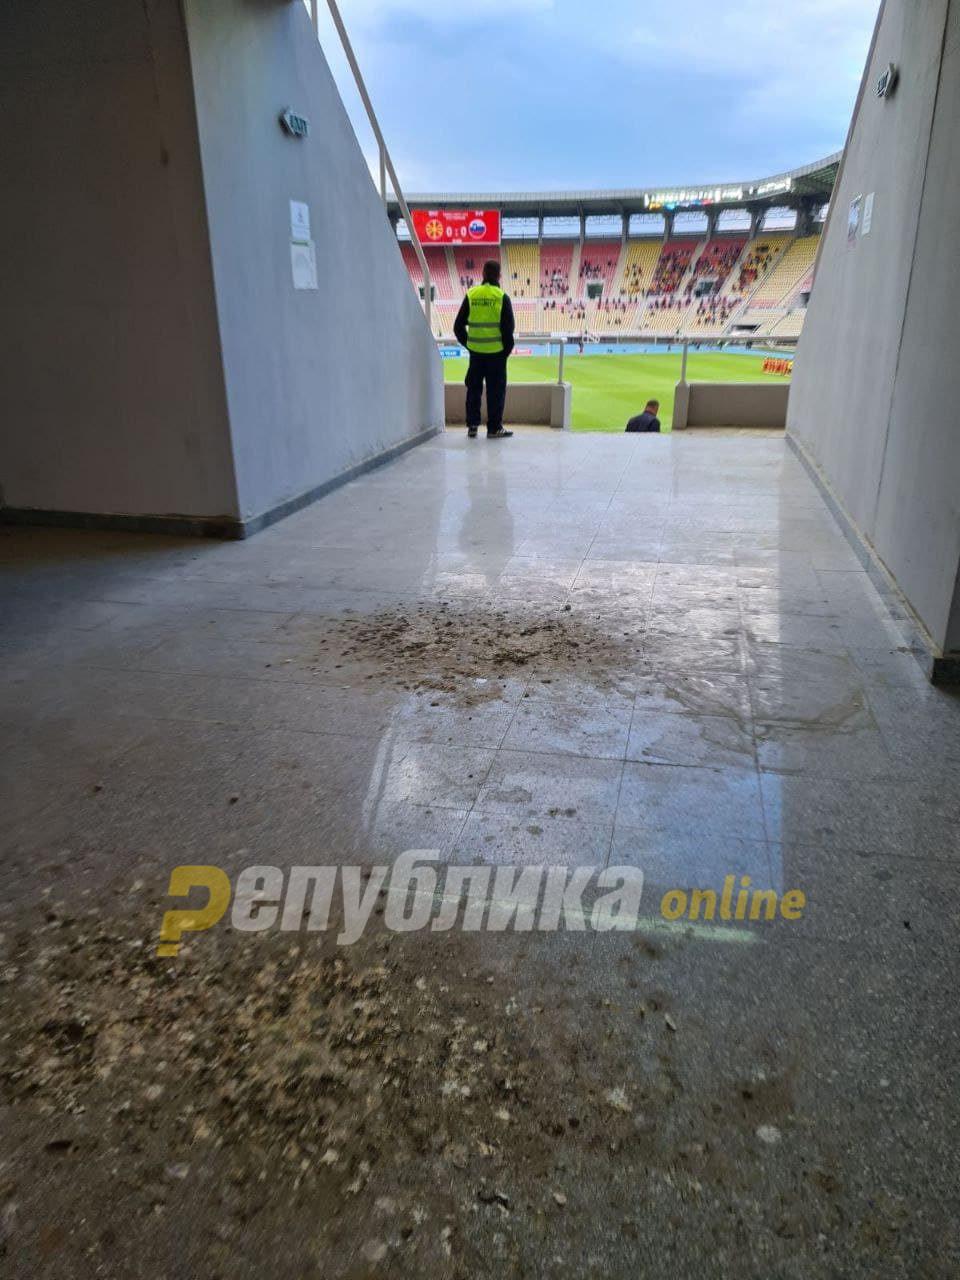 Градскиот стадион во Скопје како кокошарник, валкан и полн со цигари и отпушоци